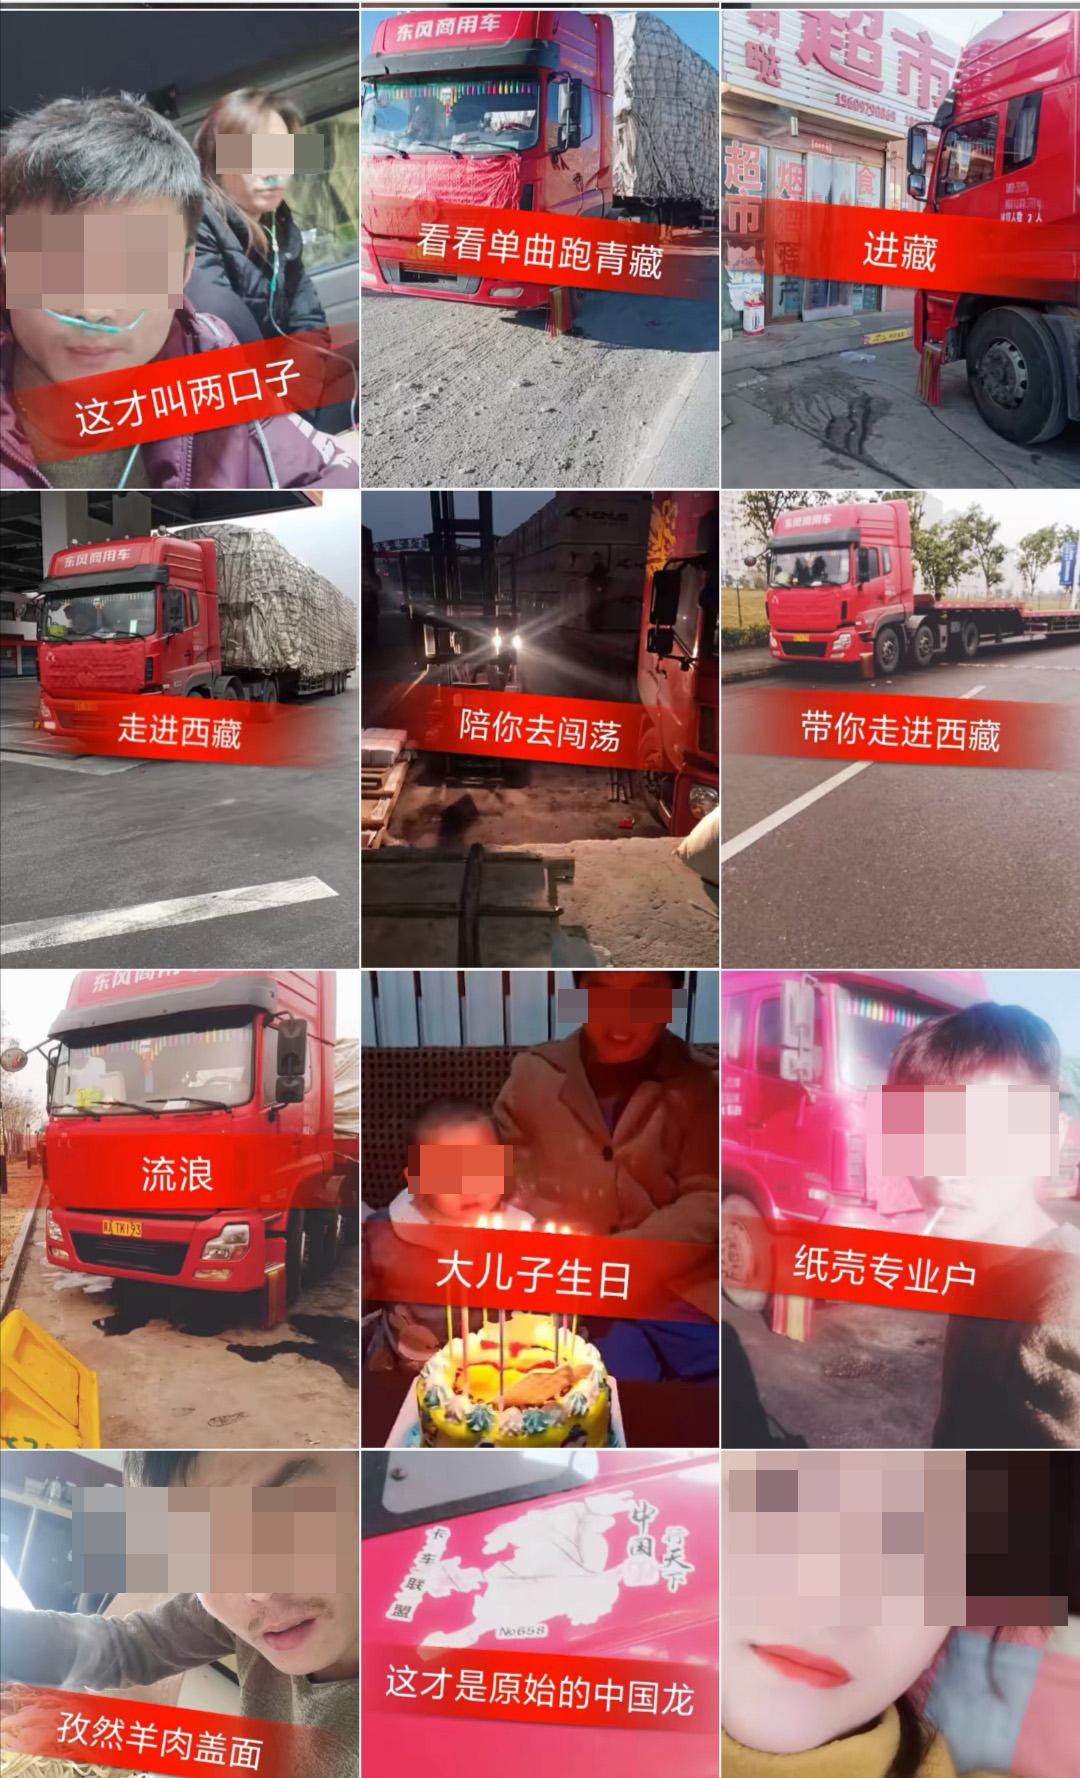 倪万辉生前发的部分快手视频截图。